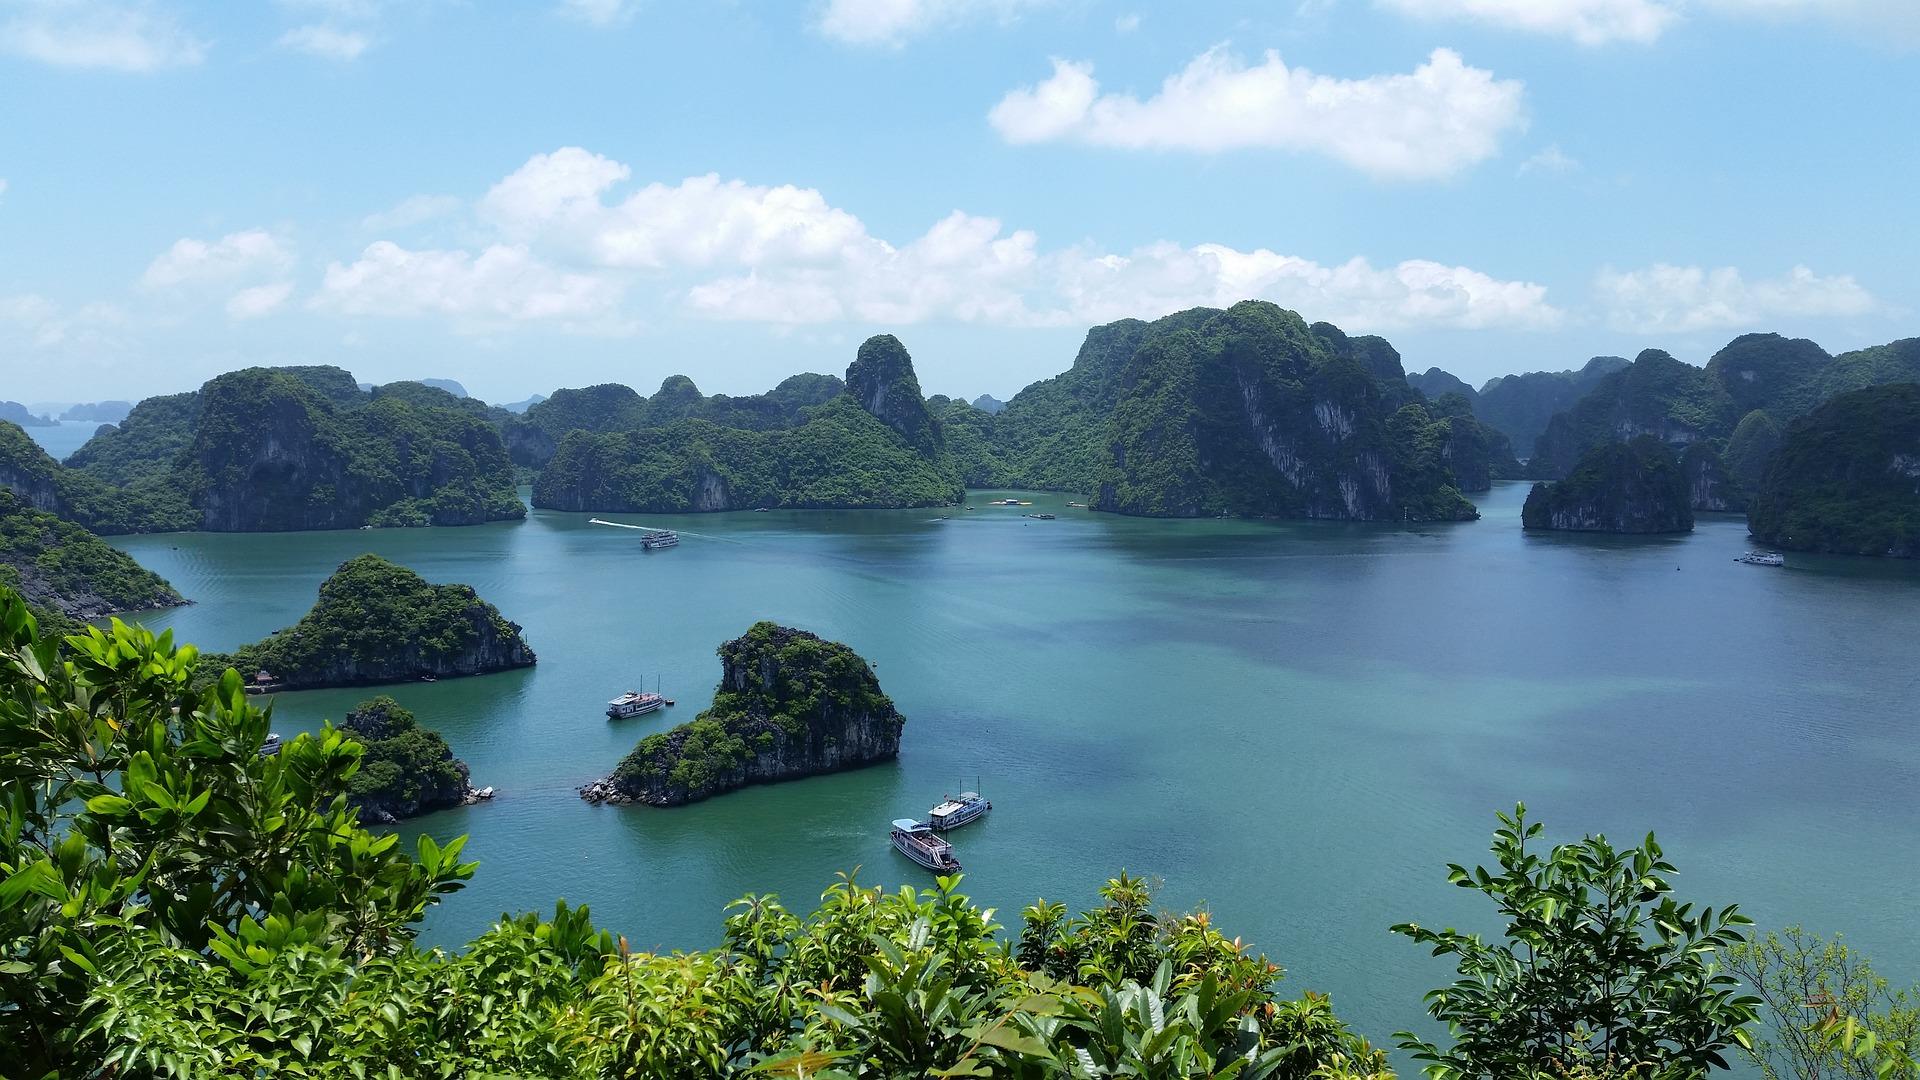 Ha long bucht circa 120 Kilometer östlich von Hanoi